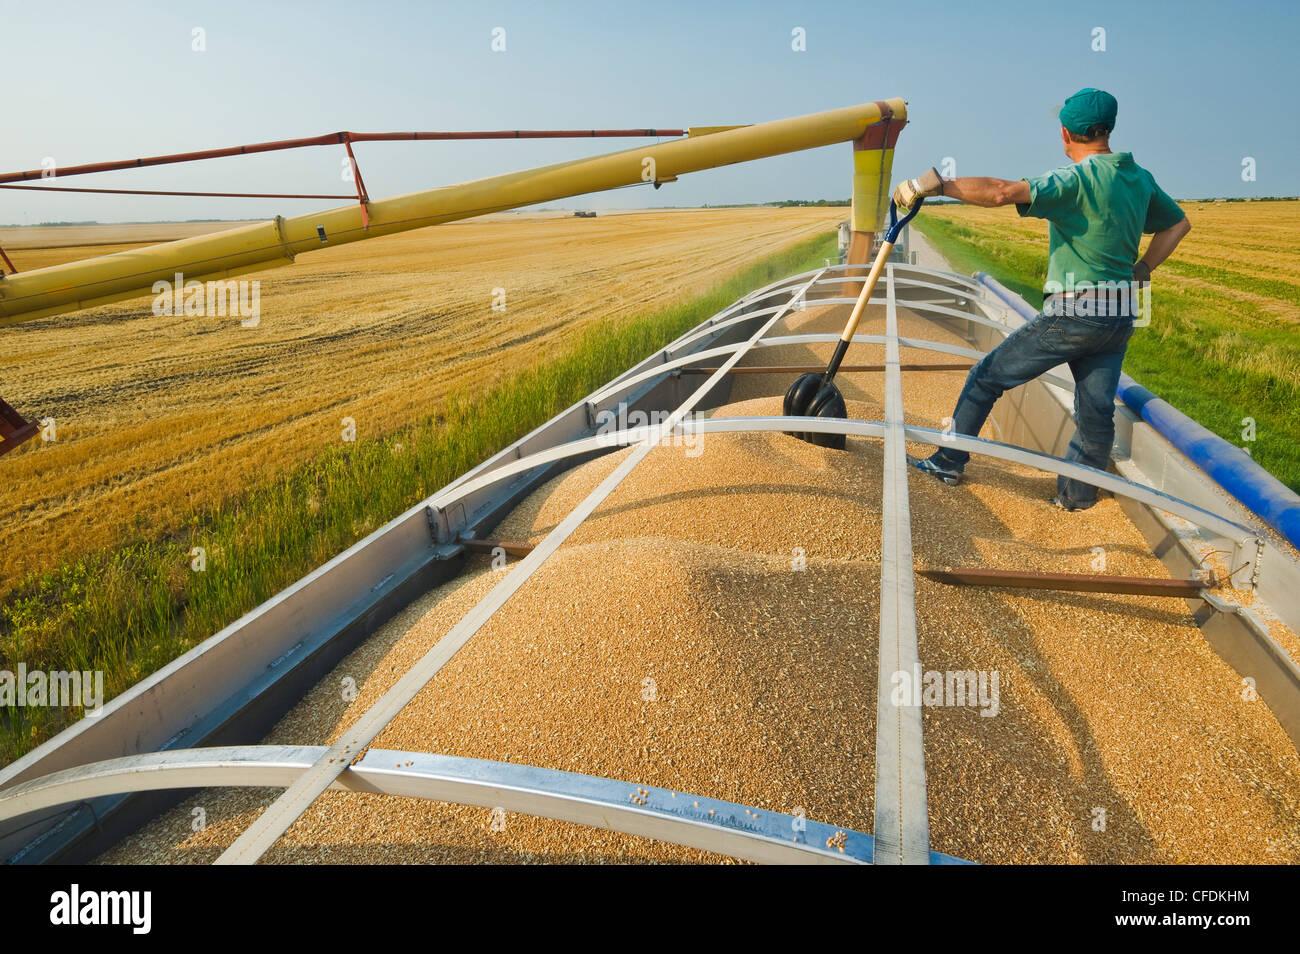 Eine Schnecke lädt Weizen in einem Bauernhof LKW während der Ernte, in der Nähe von Lorette, Manitoba, Stockbild